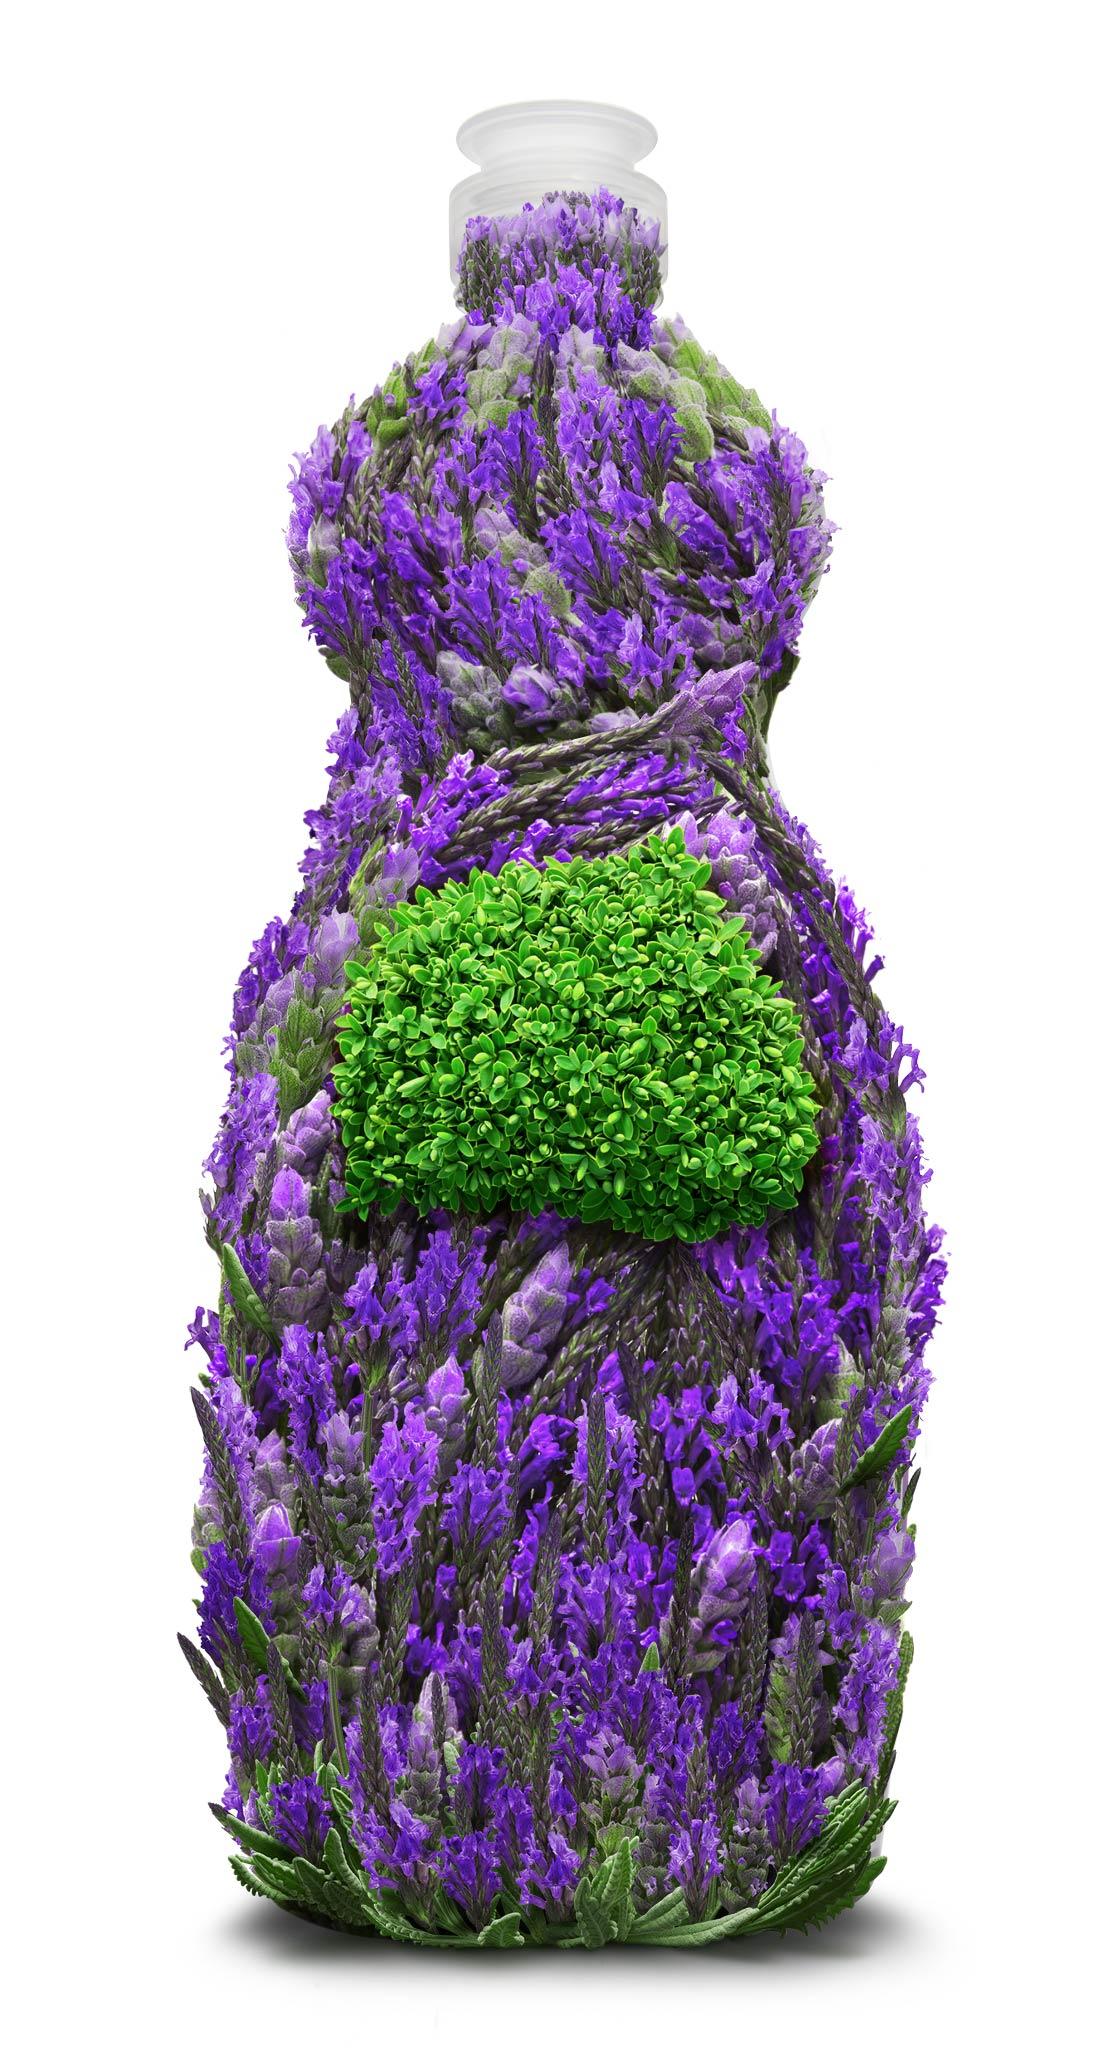 Lavender_DishWashing_12.jpg